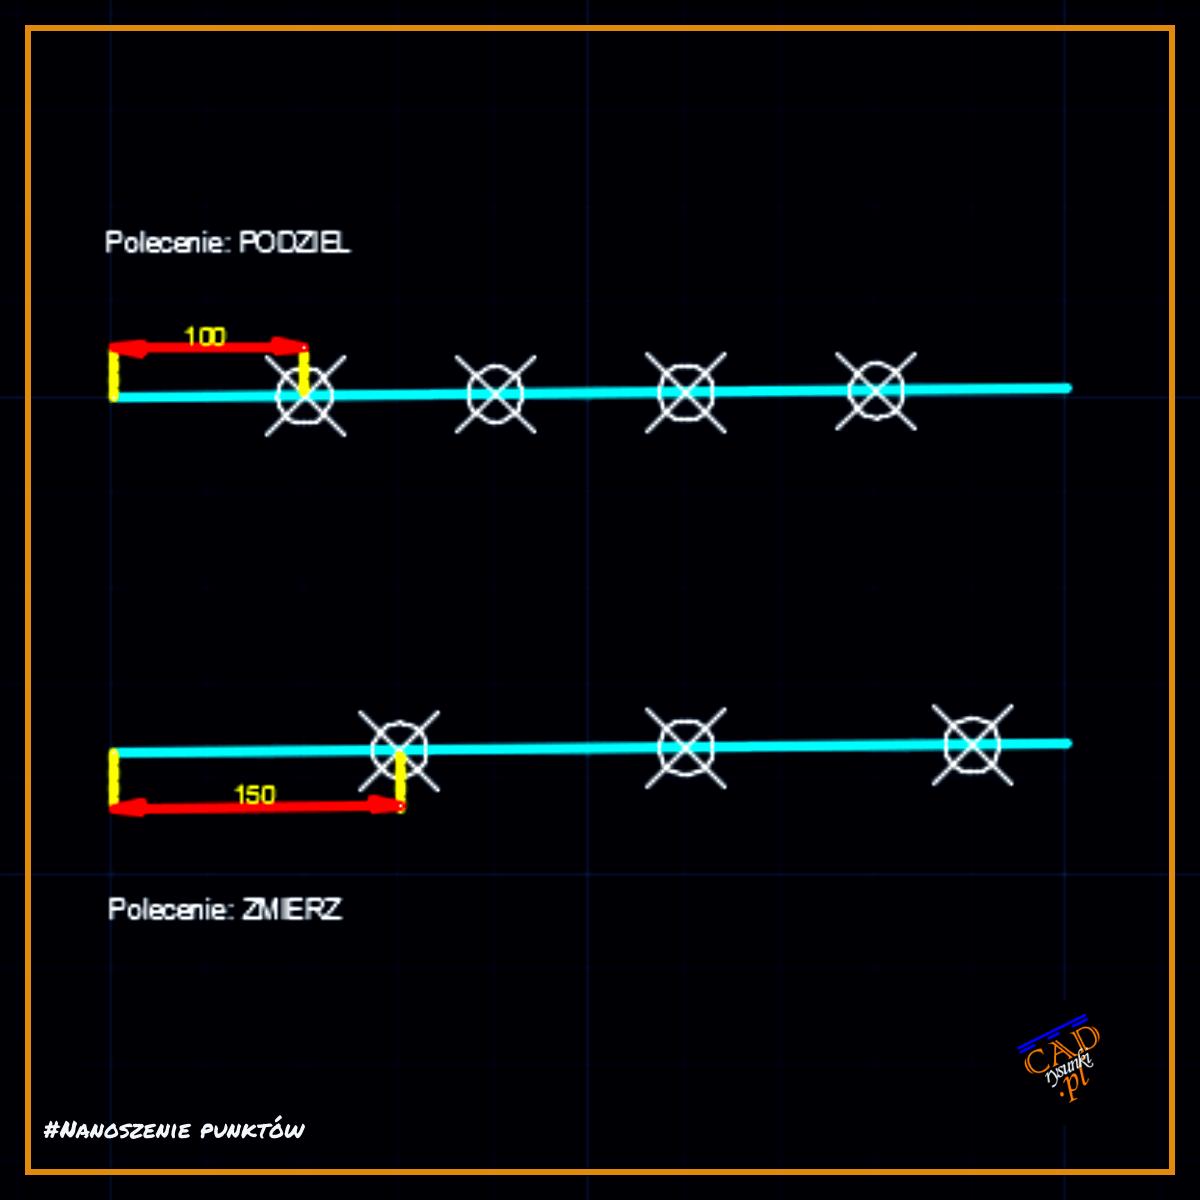 Funkcja podziel zmierz dzieli odcinek na części nanosząc jednocześnie punkty podziału.